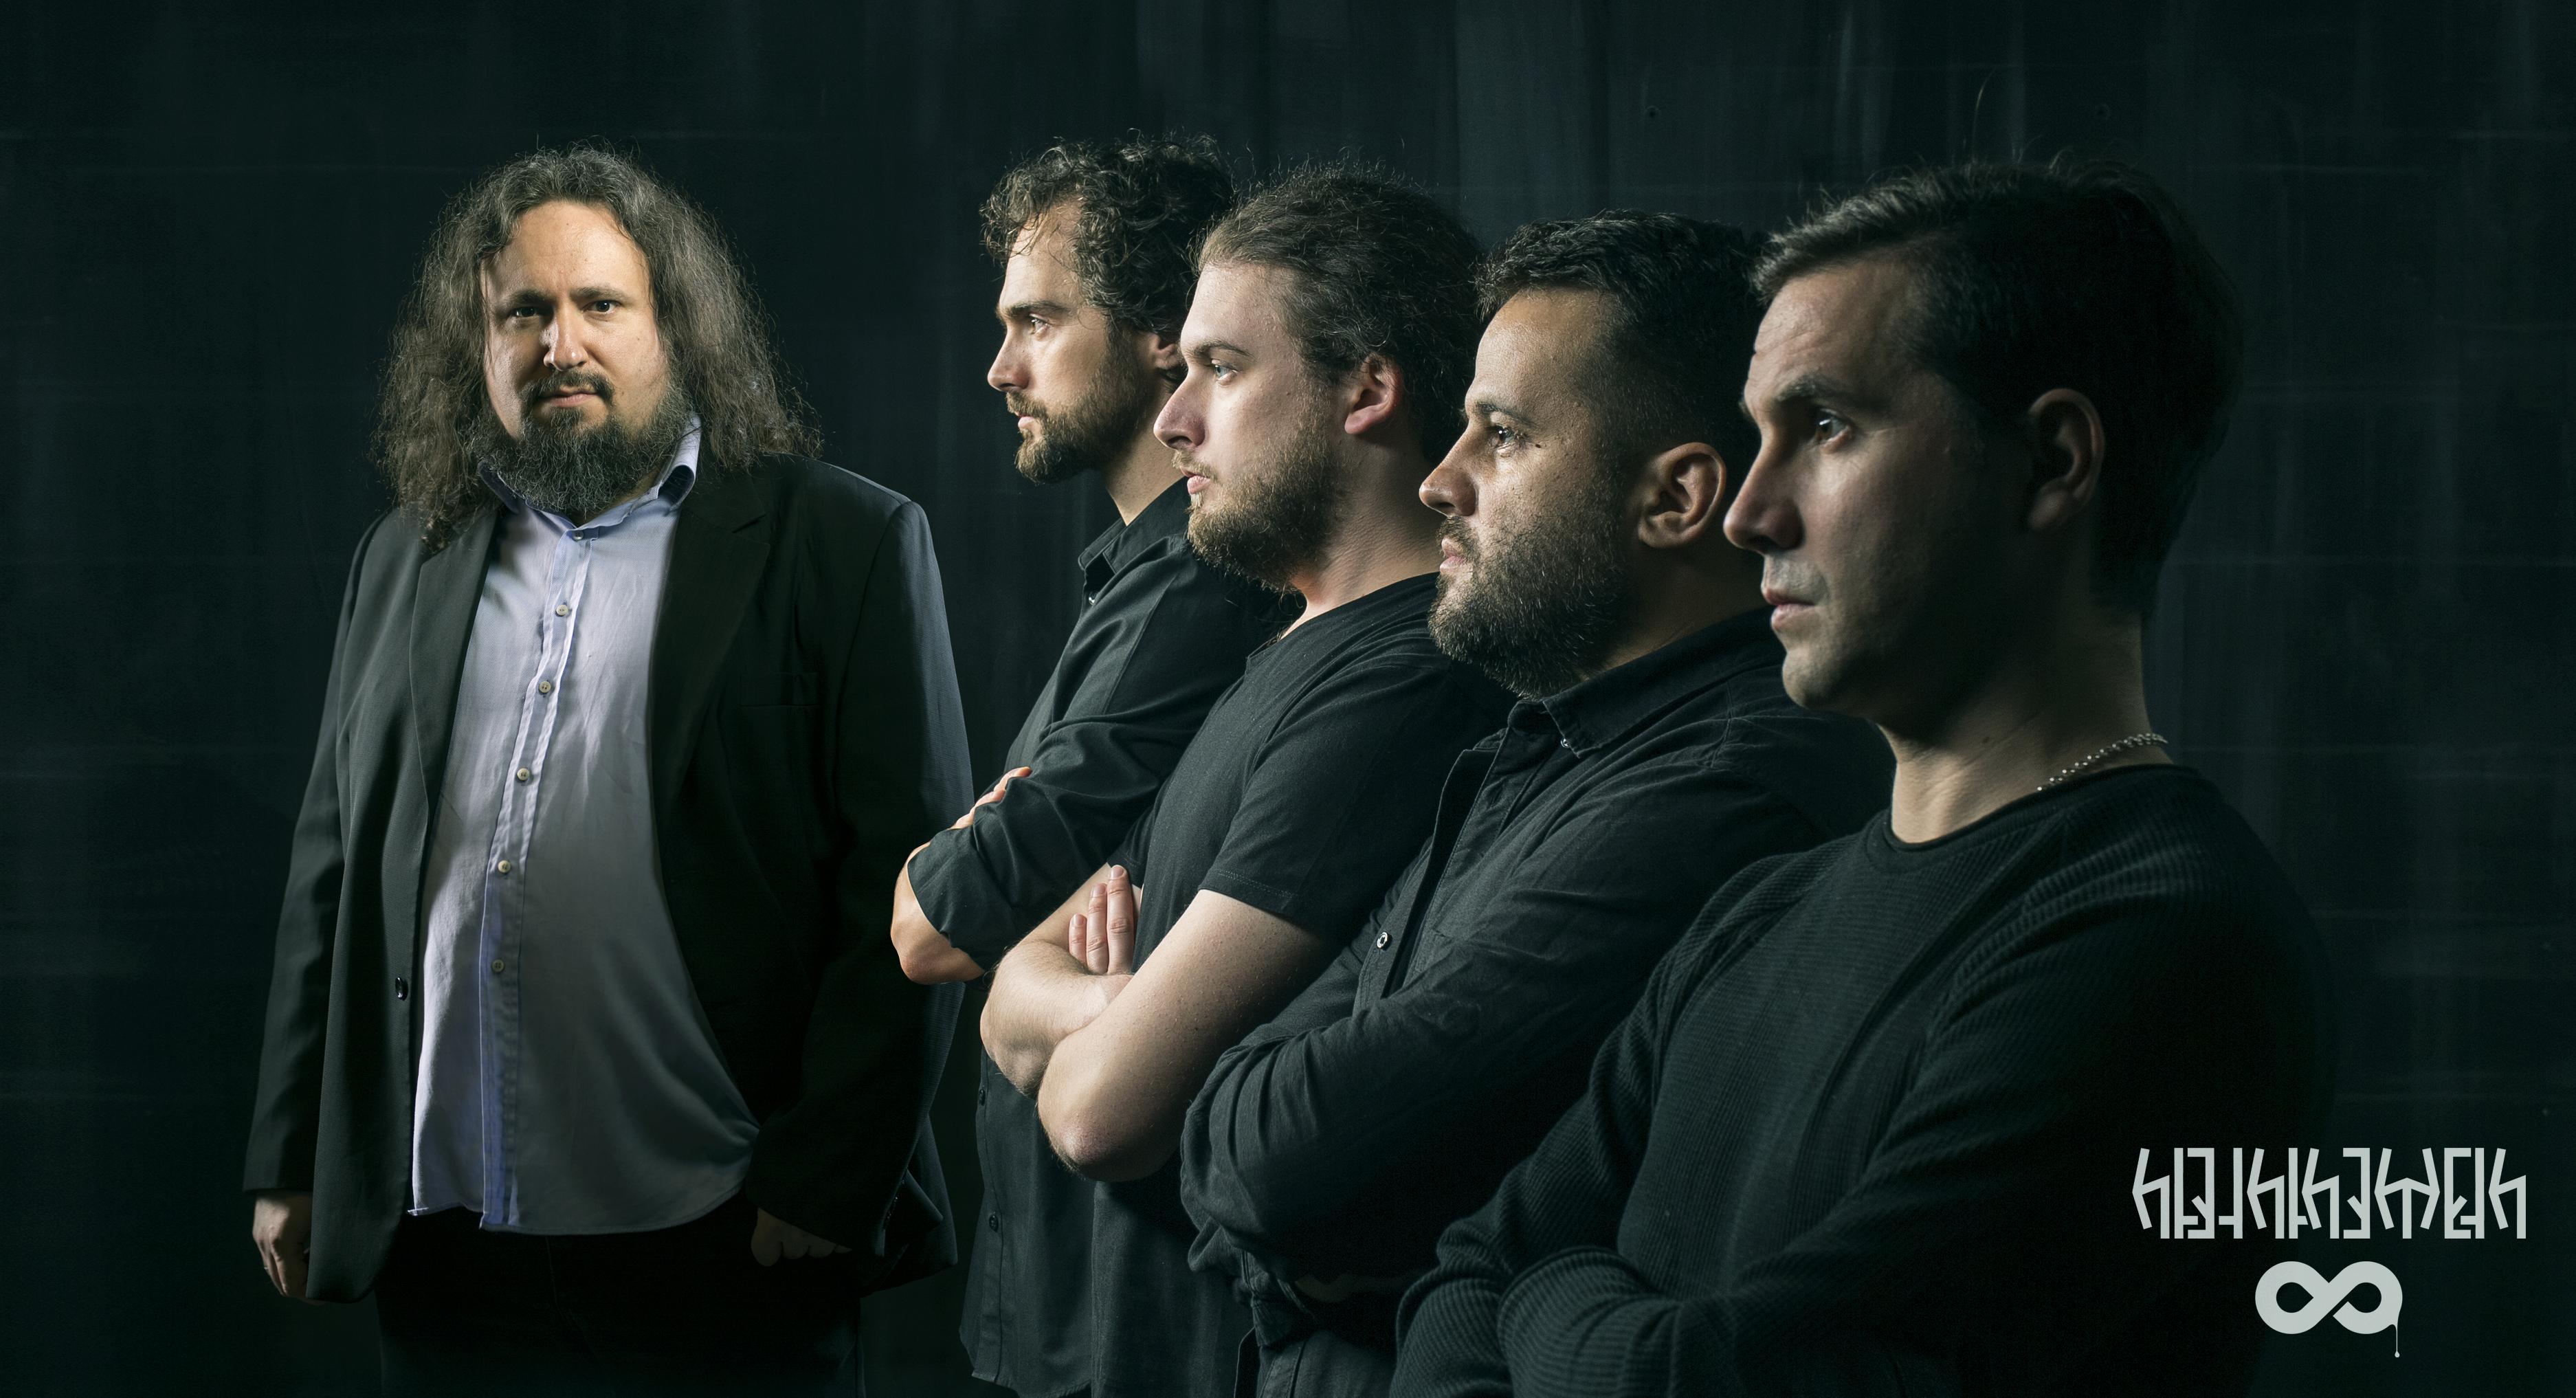 """Brașovenii din trupa de avant-garde metal Hteththemeth au lansat o piesă nouă: """"Honest lies"""""""